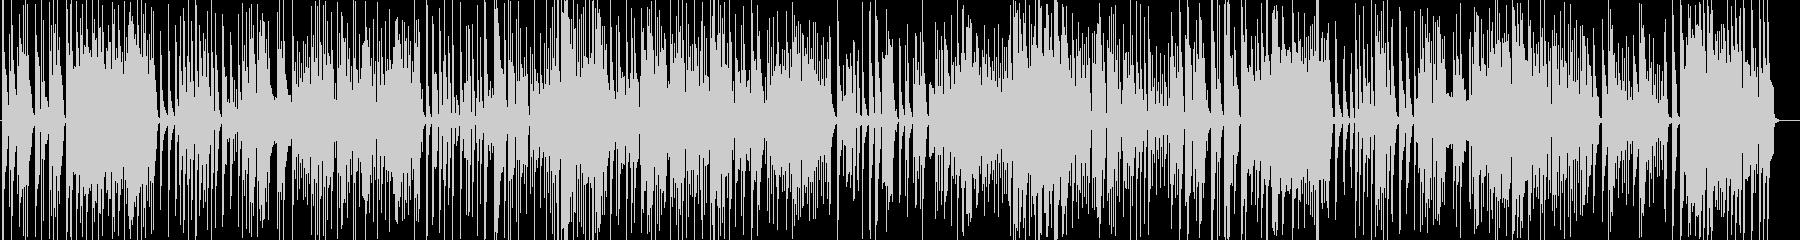 アイネクライネナハトムジーク・ウクレレの未再生の波形